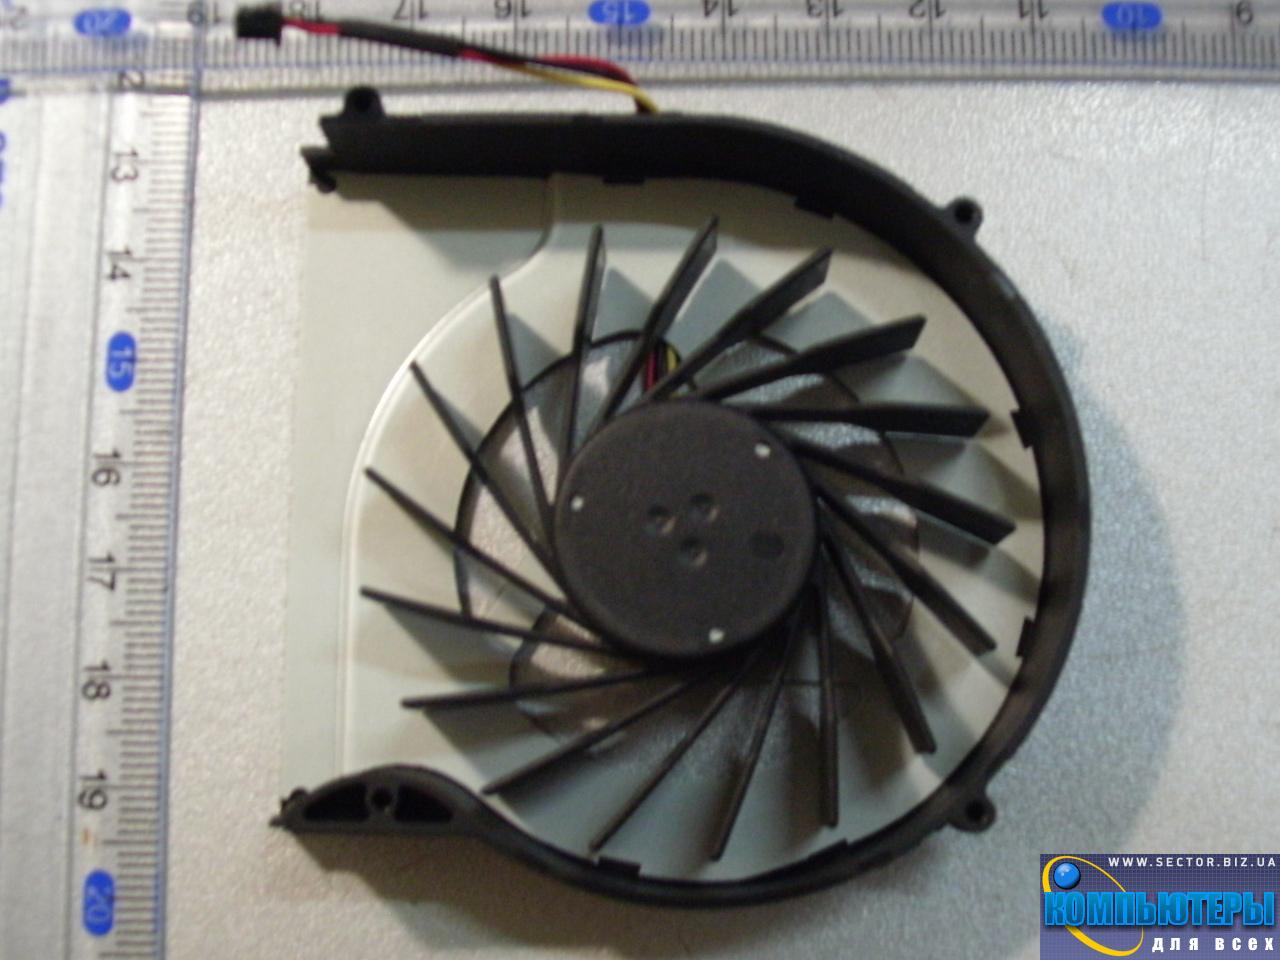 Кулер к ноутбуку HP Pavilion DV7T-4100 DV7-4200 DV7T-4200 DV7-4300 DV7T-4300 p/n: KSB0505HA-9J99. Фото № 1.